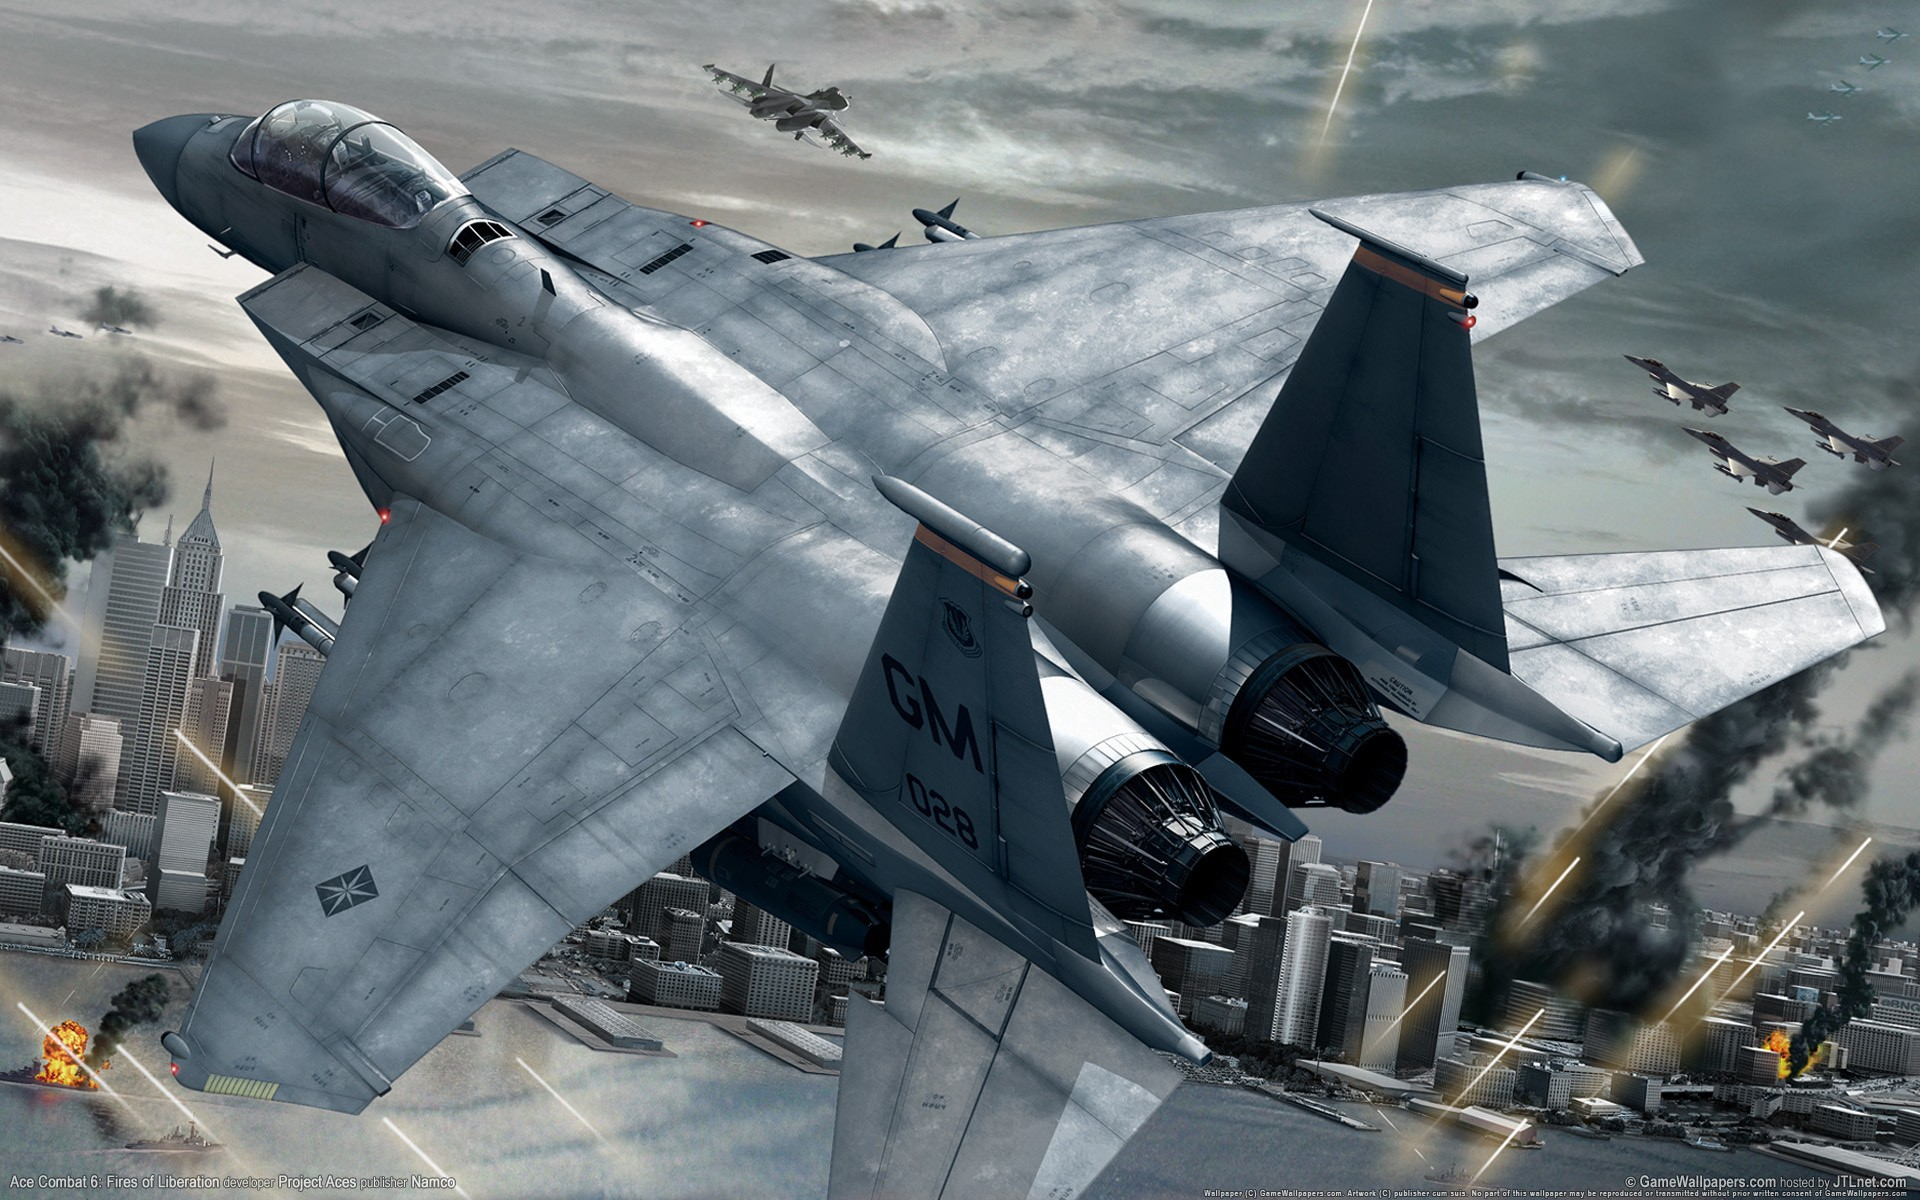 Aviones y videojuegos - 1920x1200